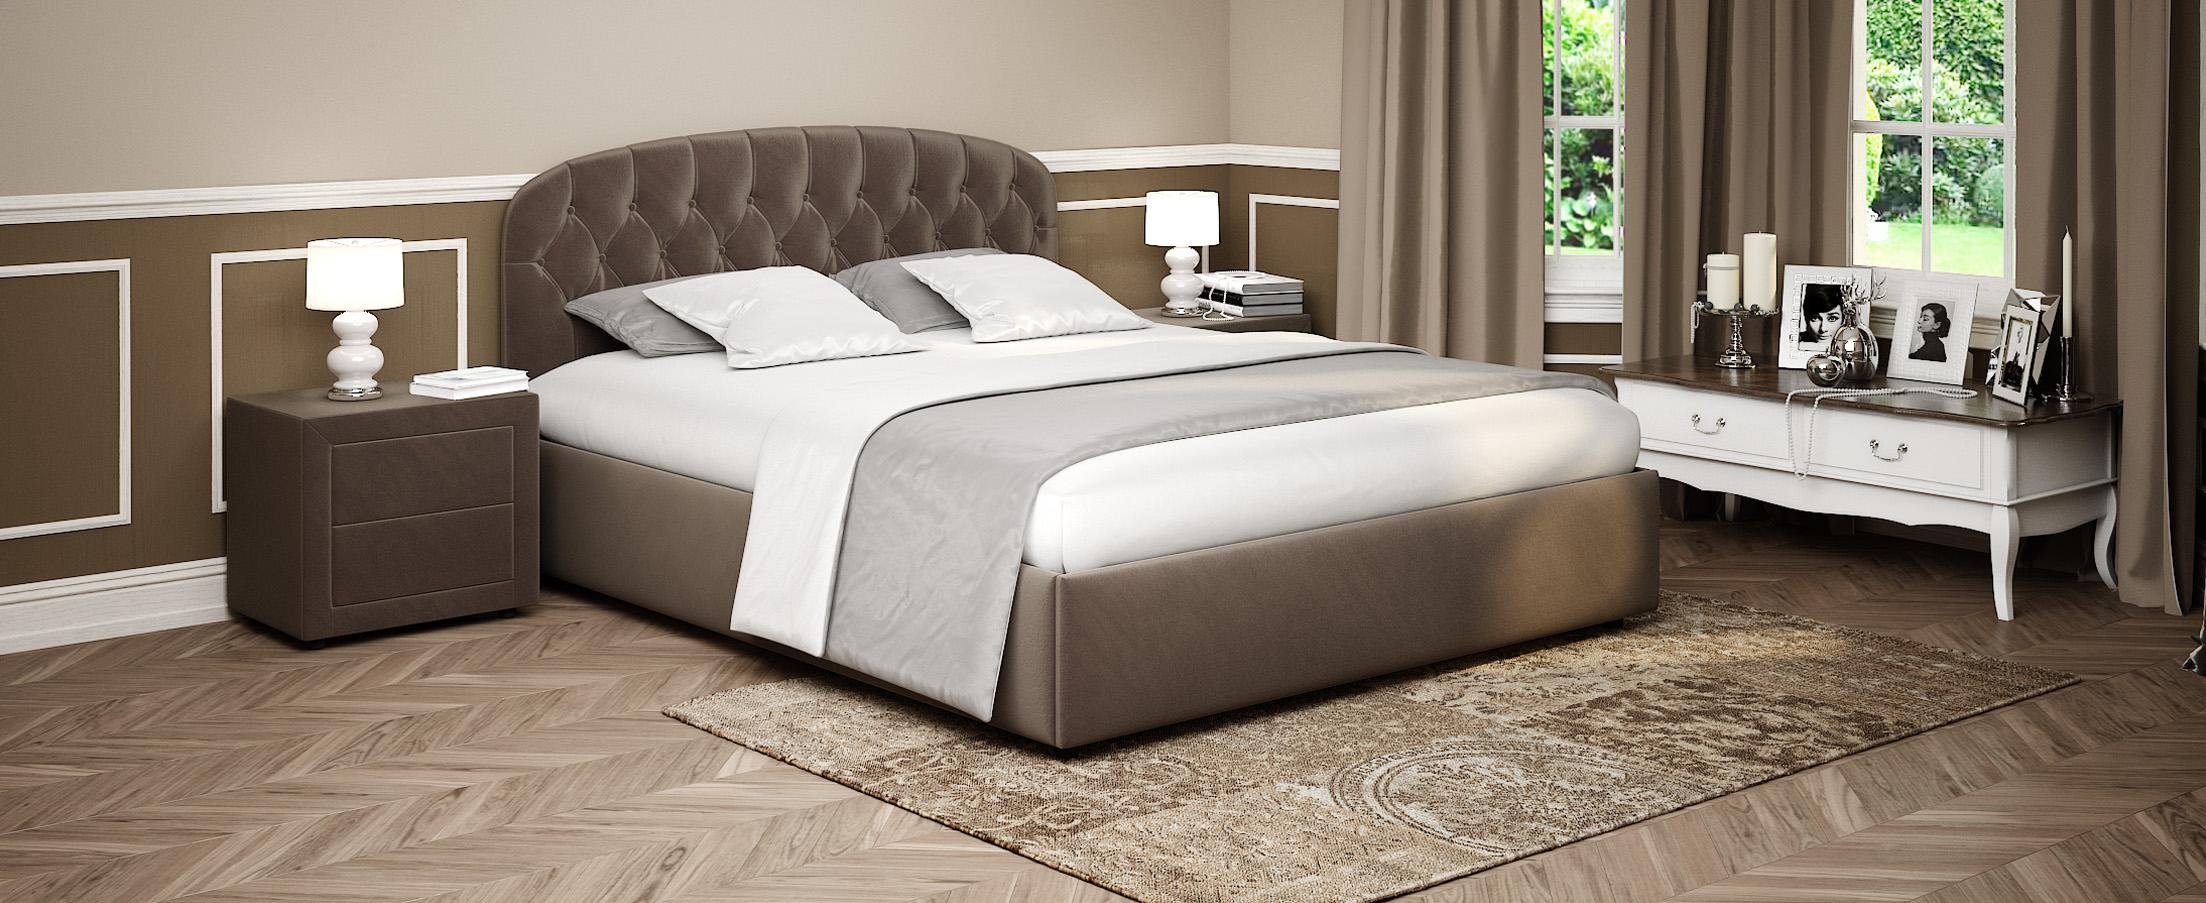 Кровать двуспальная Бьянка 140х200 Модель 1207Оригинальная форма изголовья кровати Бьянка придаст Вашей спальне индивидуальность, а стильные утяжки привнесут нотки благородности и шарма.